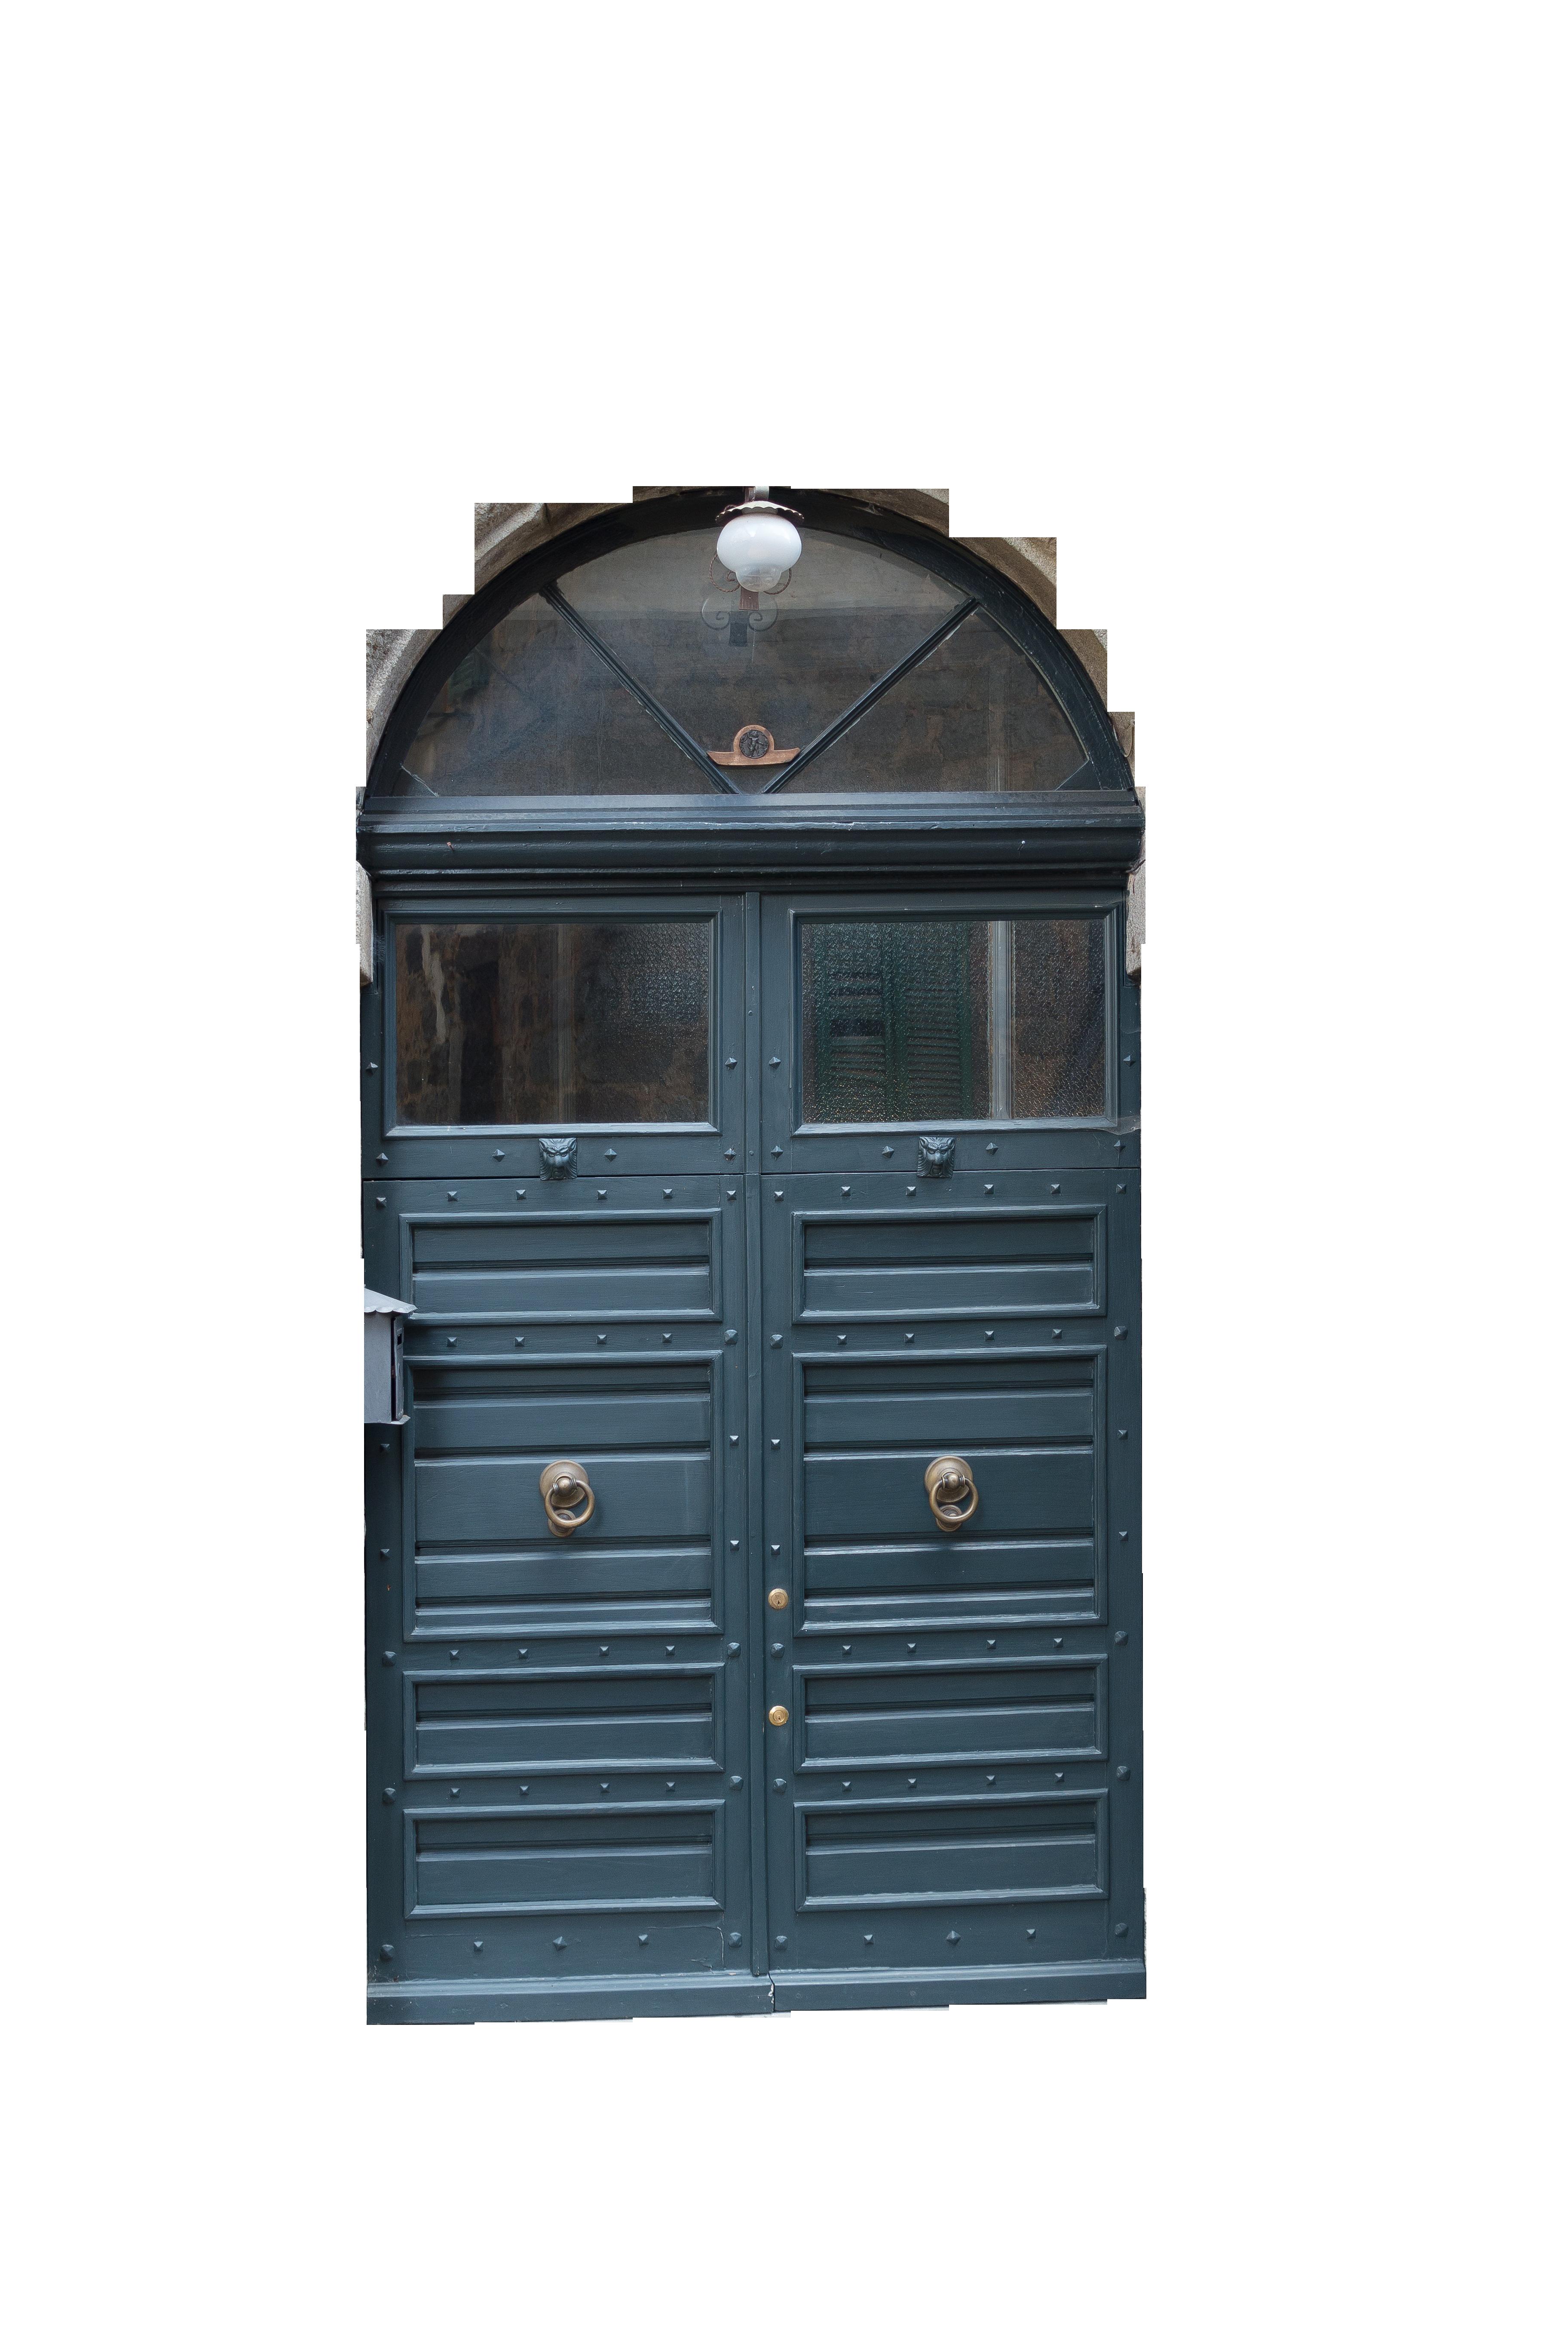 door-1001023_Clip